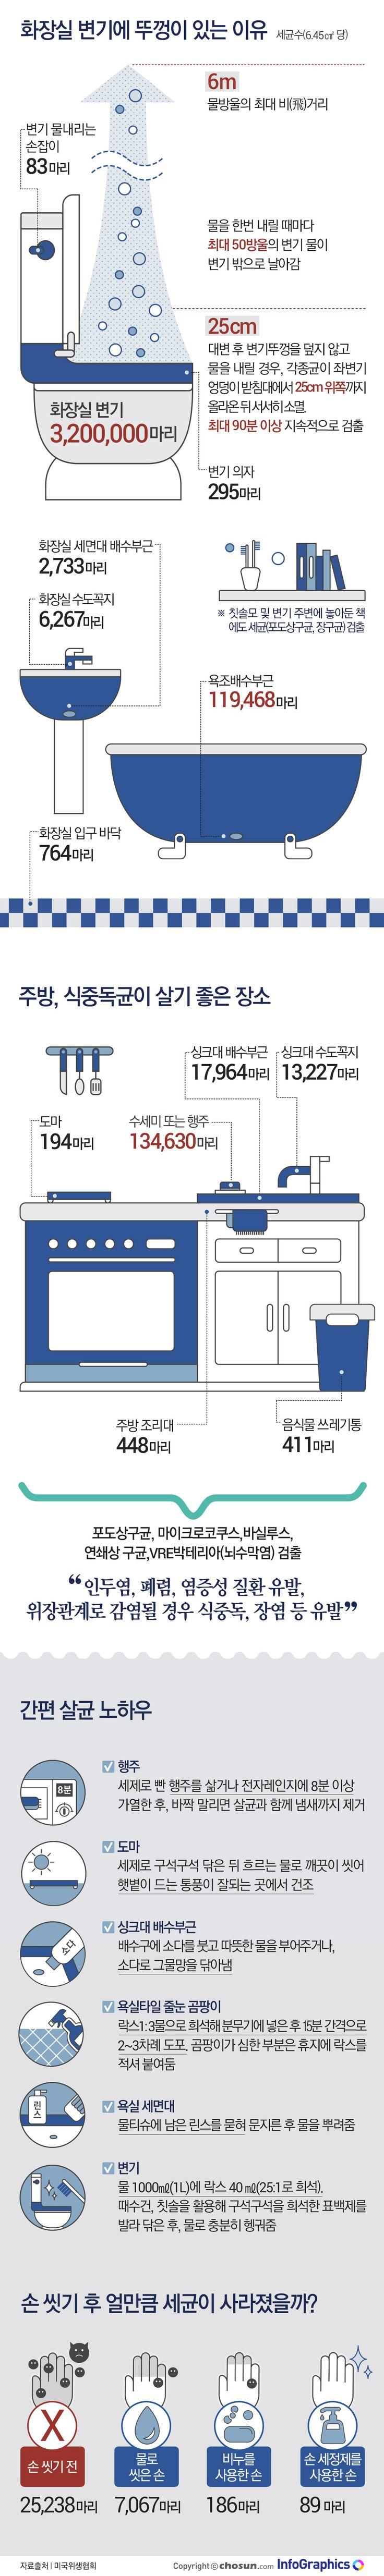 환기가 잘 되지 않고 습해 세균이 번식하기에 최적의 장소인 화장실 변기는 집안 전체에 세균을 퍼트리는 주범이다. 물을 한번 내릴 때마다 최대 50방울의 변기 물이 변기 밖으로 날아가는 것으로 나타났으며, 물방울의 최대 비(飛)거리는 6m에 달한다는 조사 결과도 있다. 손 씻기만 잘해도, 변기 뚜껑만 잘 닫아도 유해한 세균으로부터 우리 몸을 보호할 수 있다.